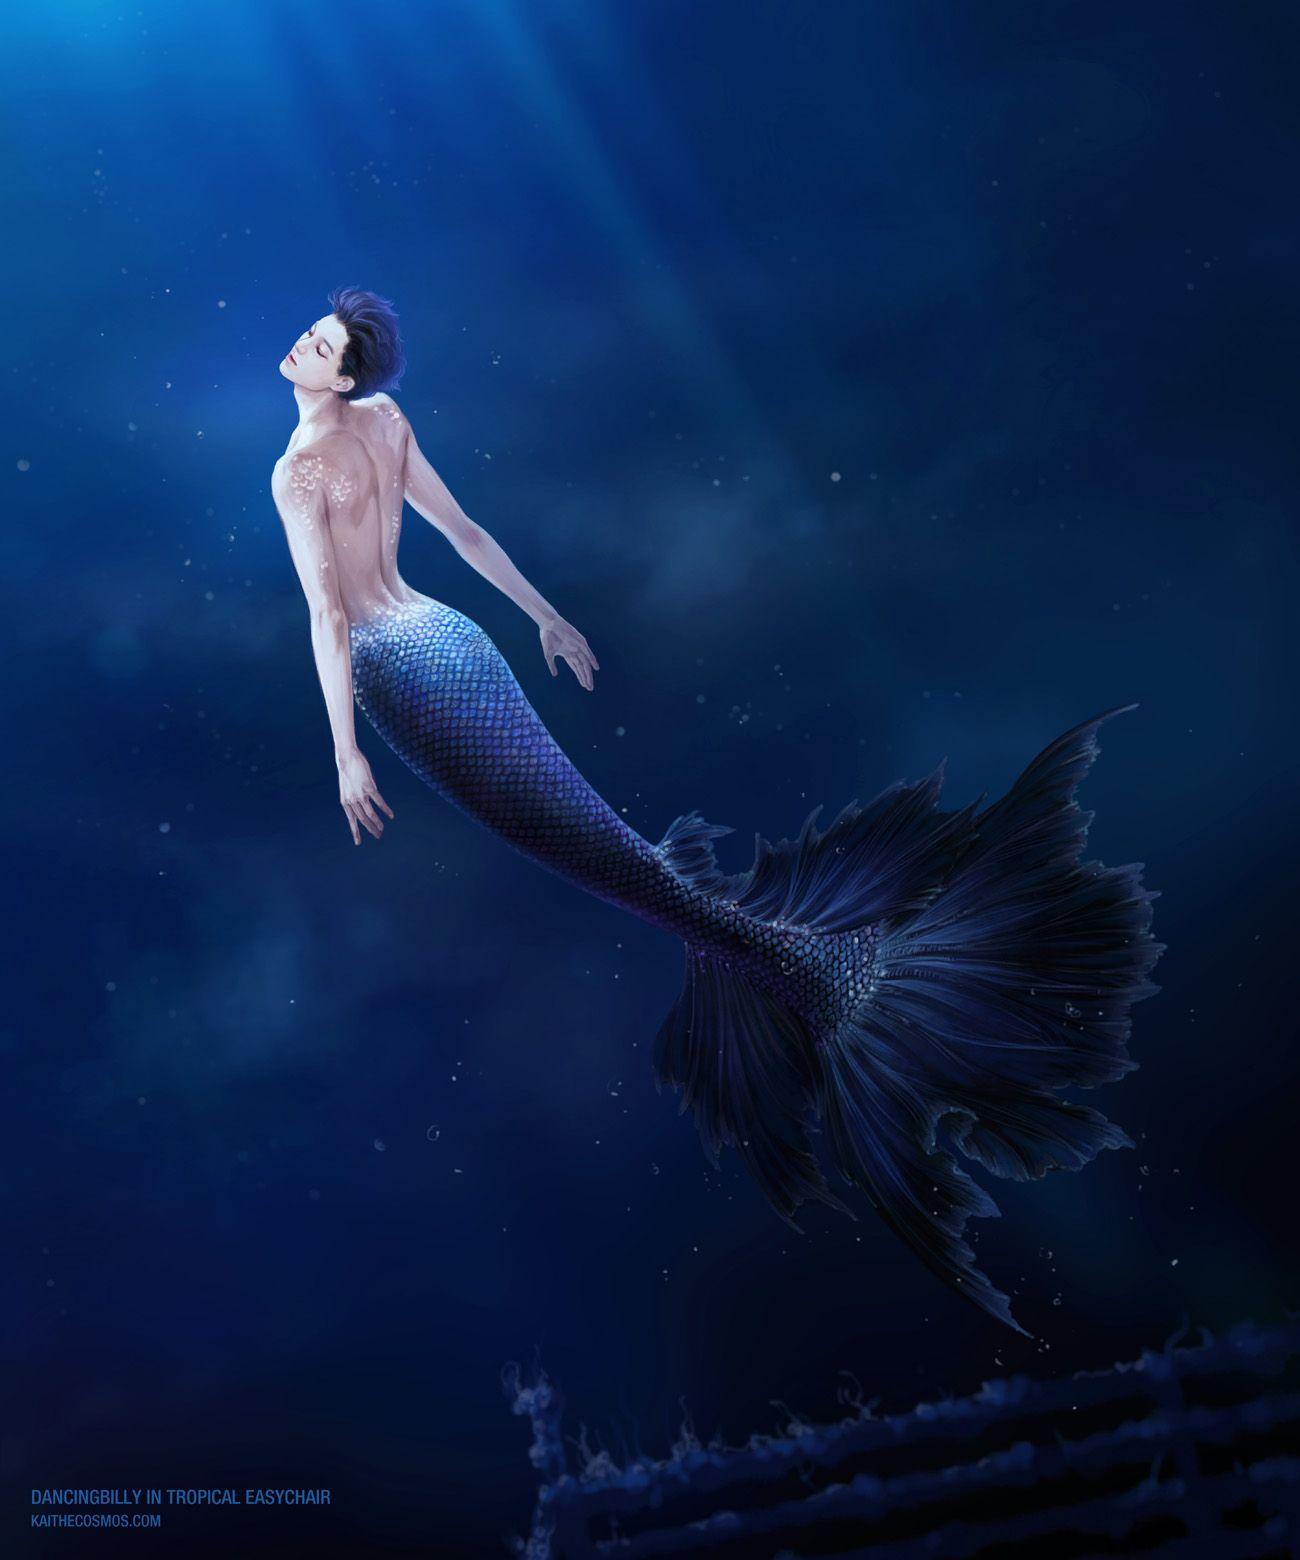 DancingBilly👨 👦 on in 2019 | Mermaid Art | Merman, Mermaid art